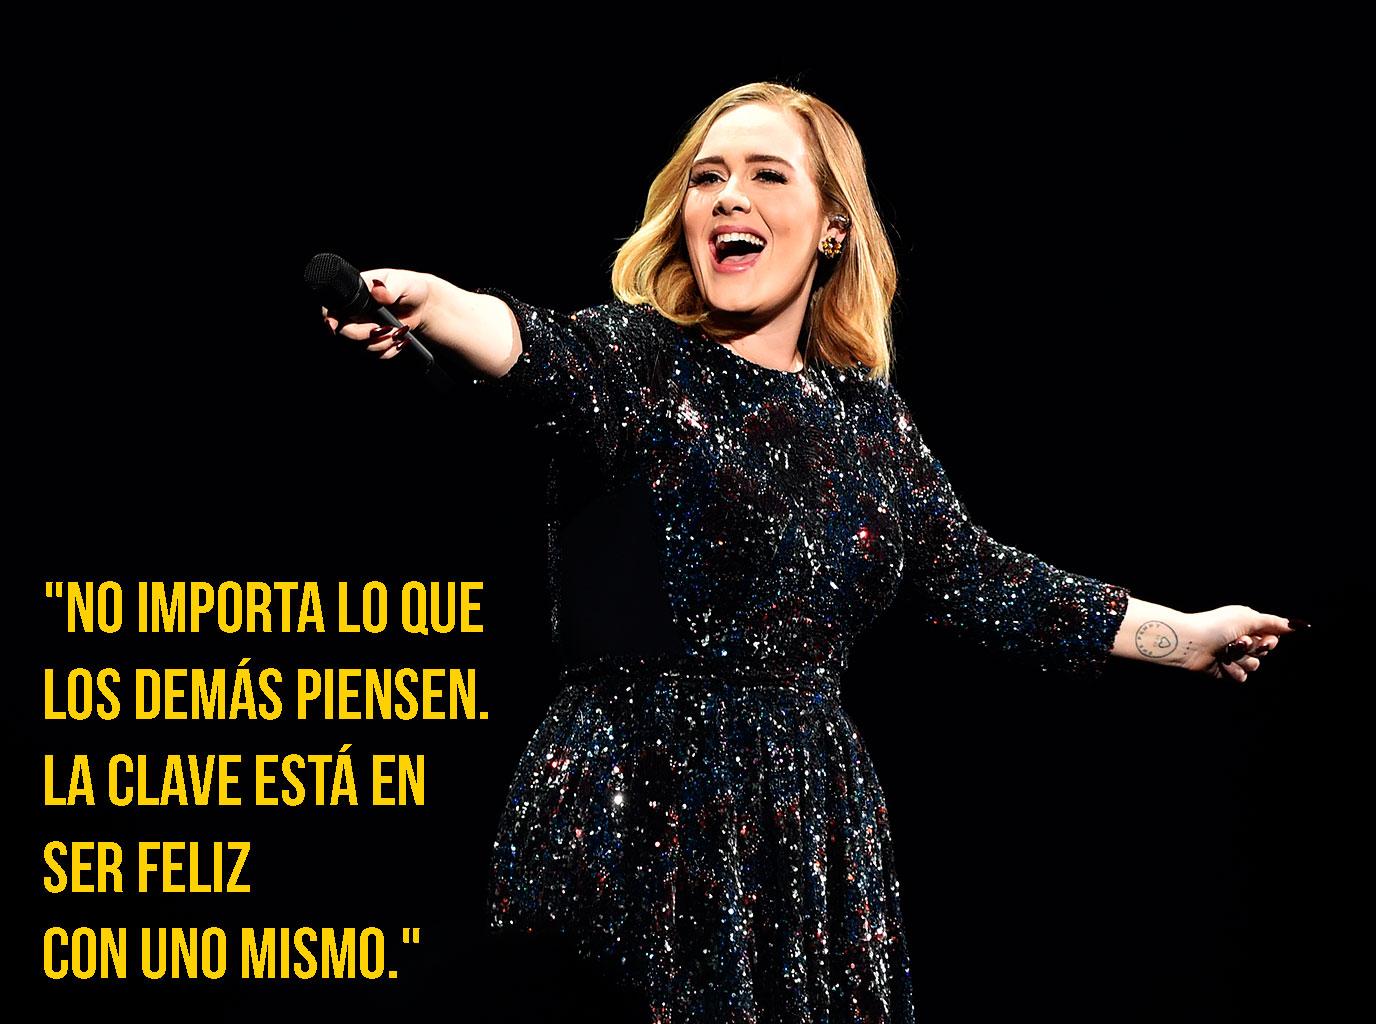 Galería: 15 Frases de Adele que te harán amarla aún más